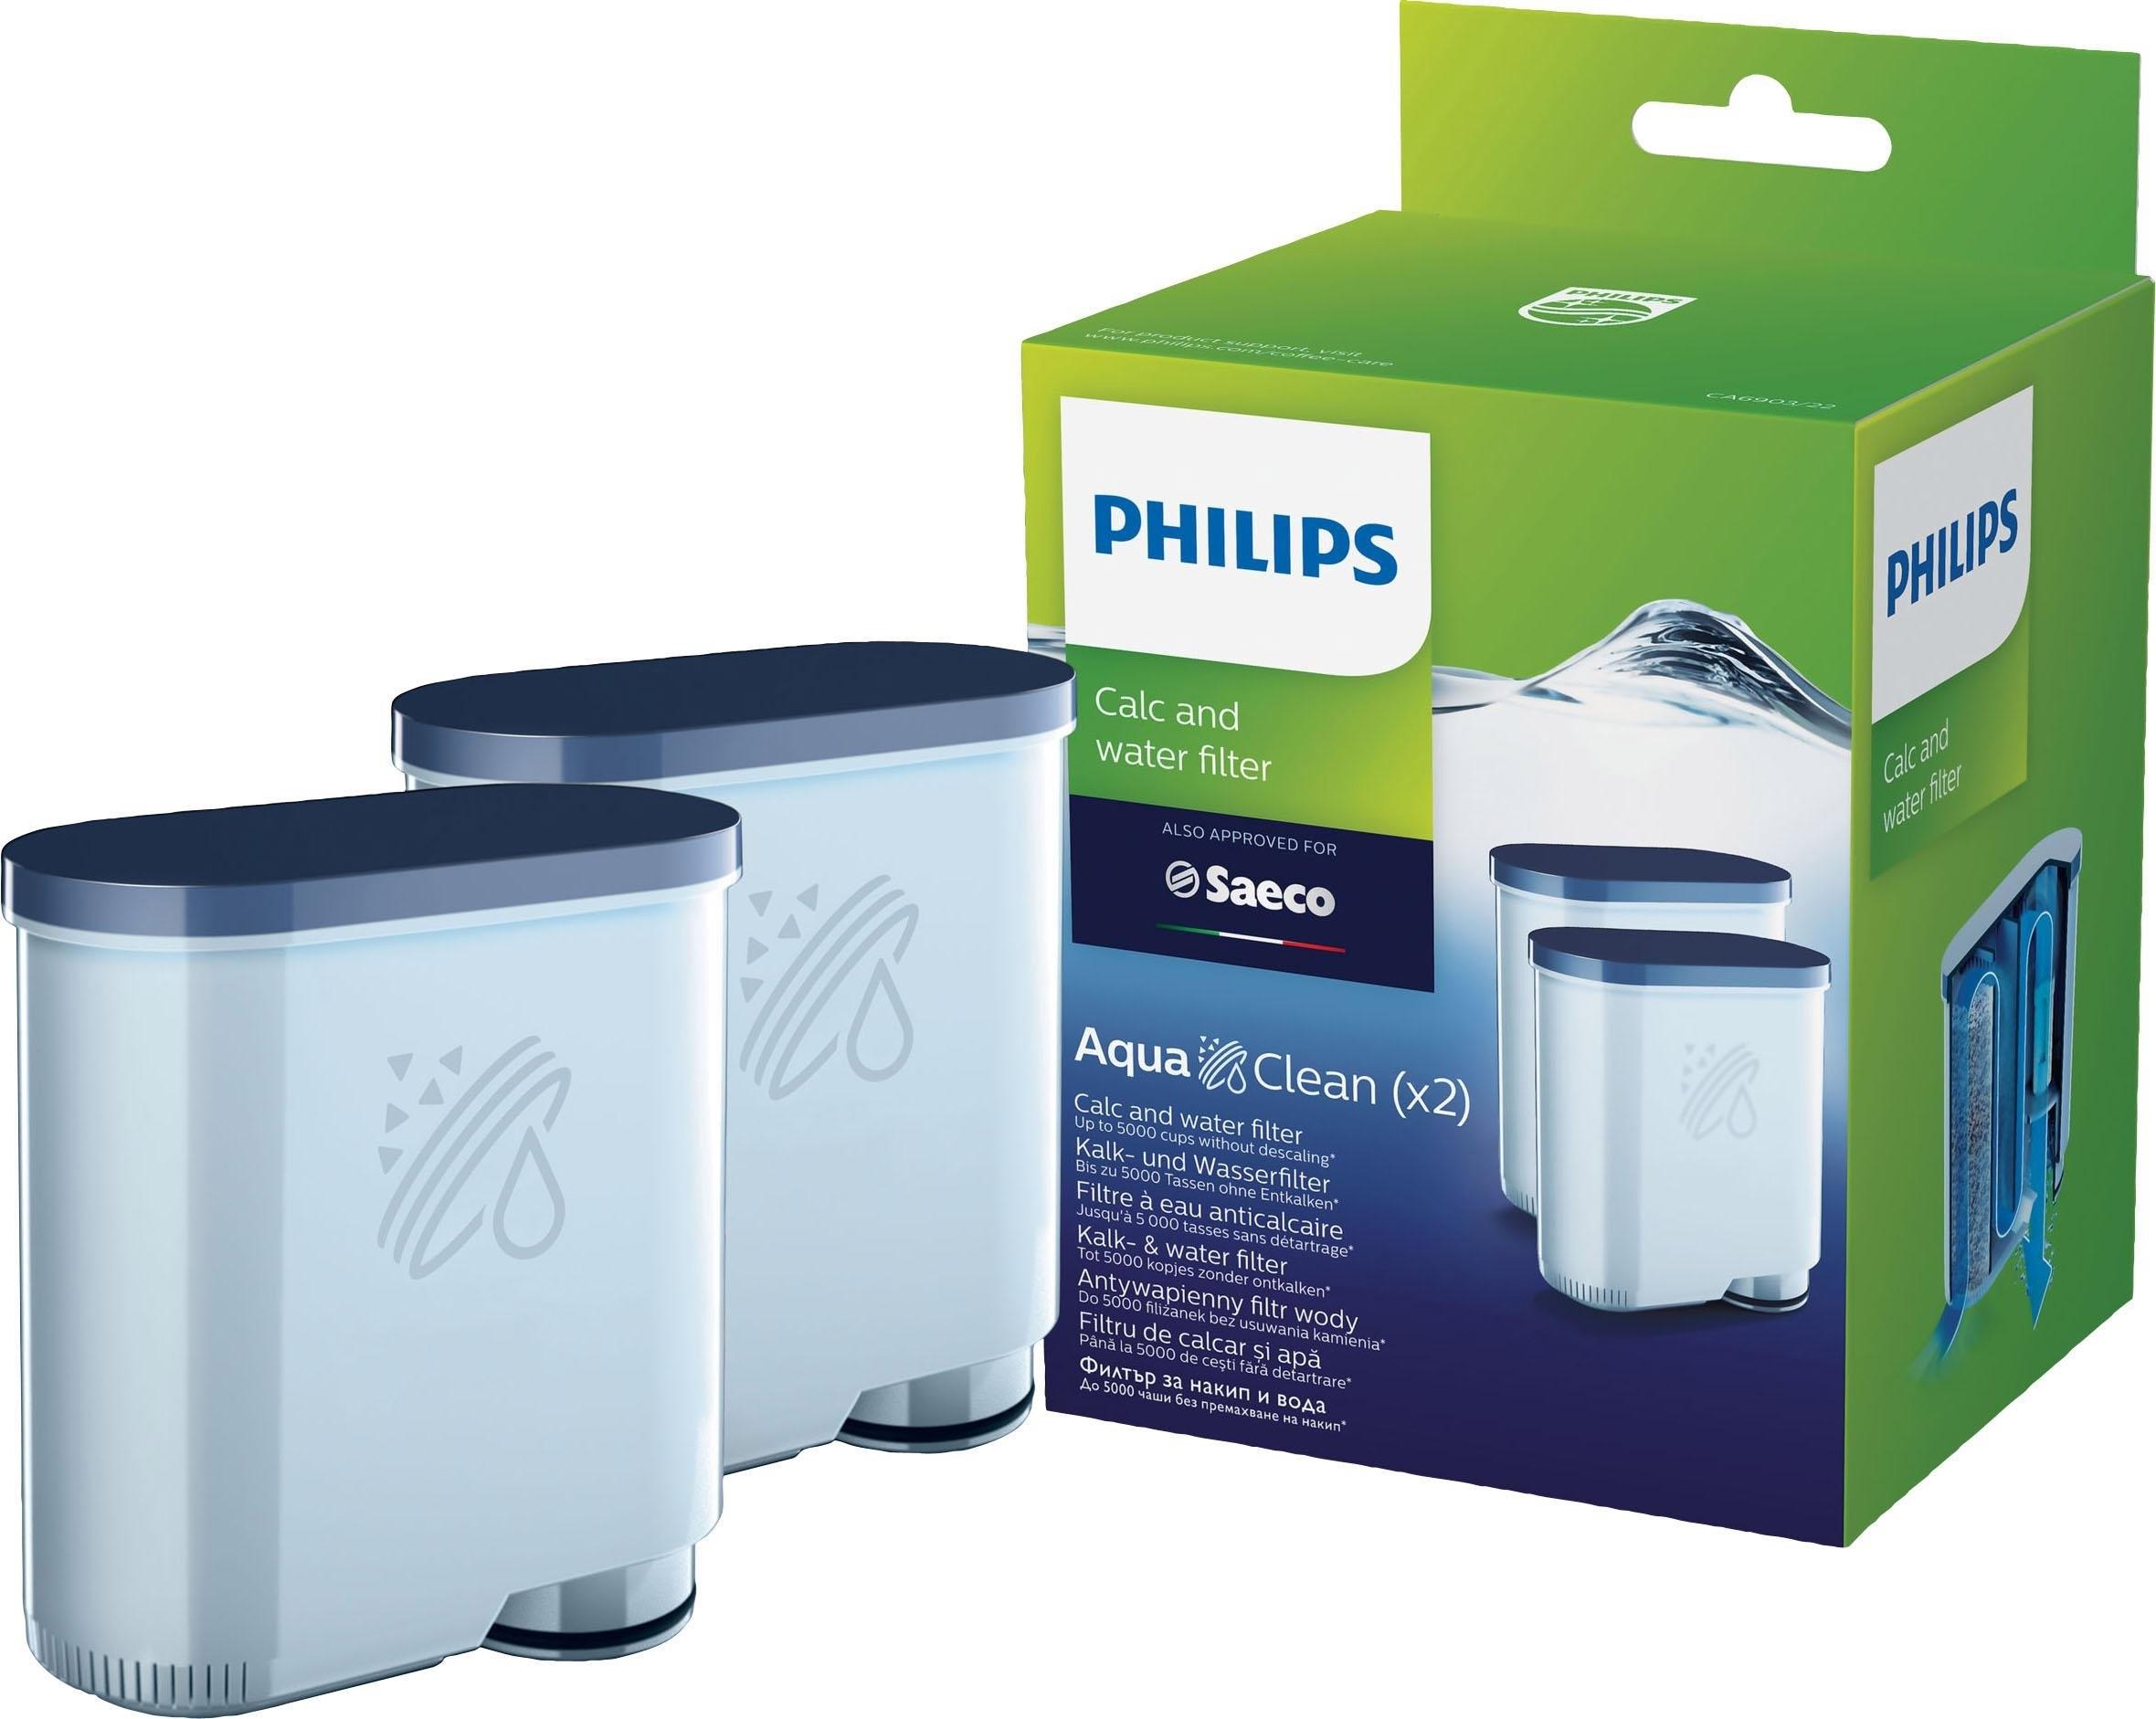 Saeco waterfilter AquaClean CA6903/22, set van 2 bij OTTO online kopen